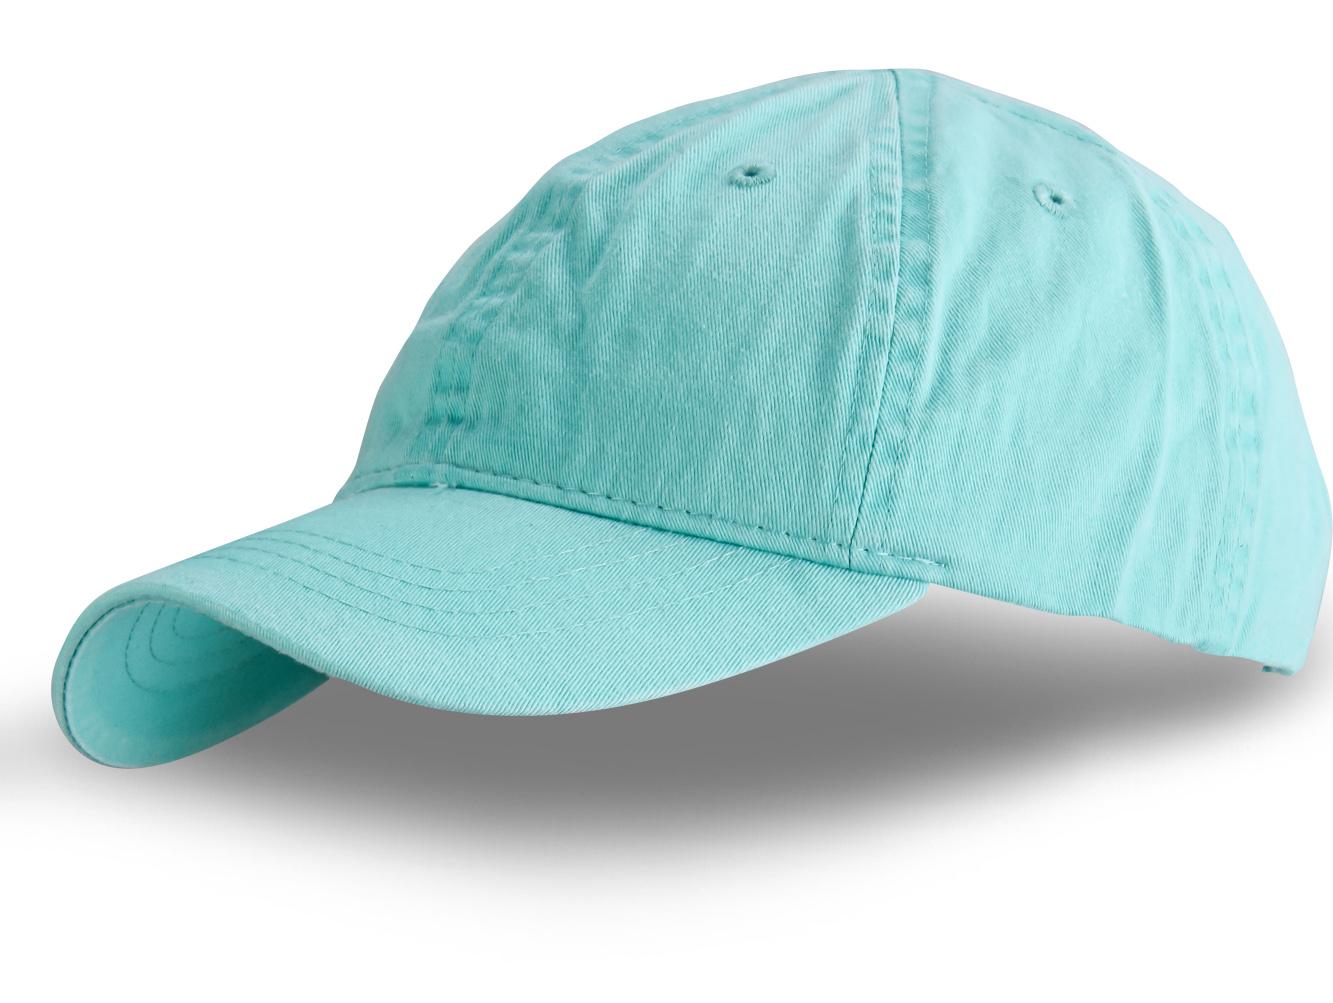 Голубая бейсболка - купить в интернет-магазине с доставкой